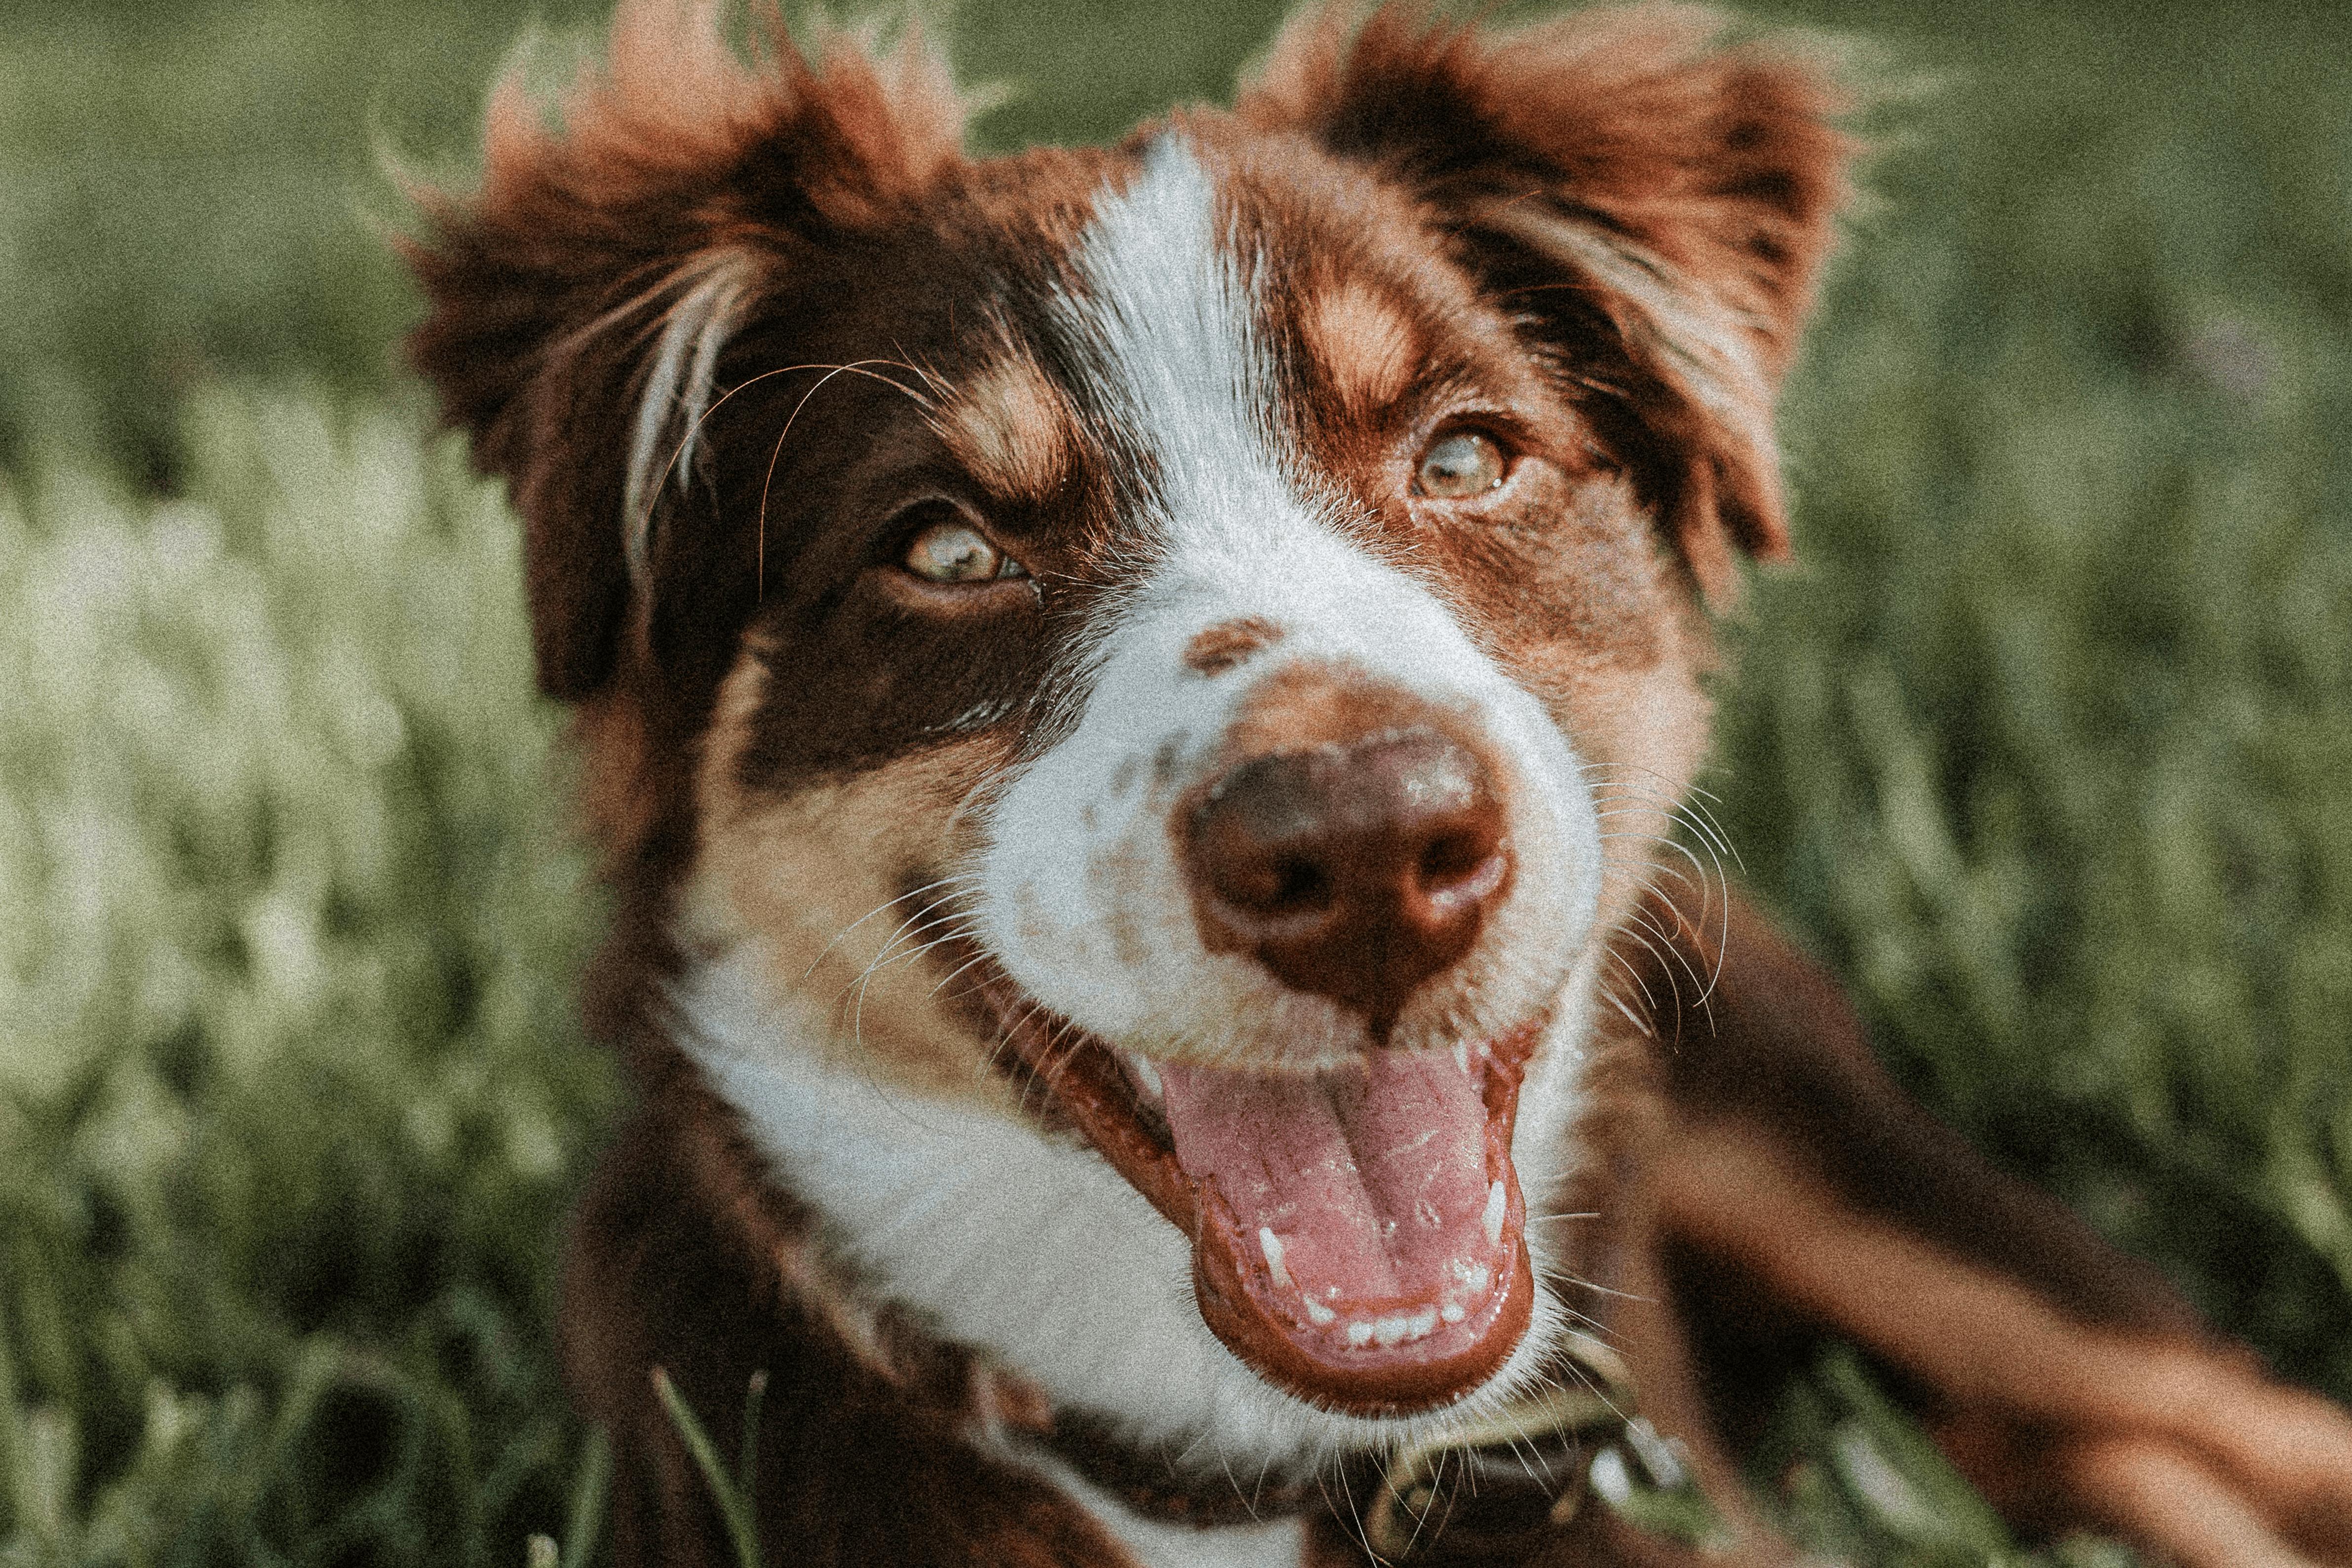 come-prendersi-cura-dei-denti-del-cane-min